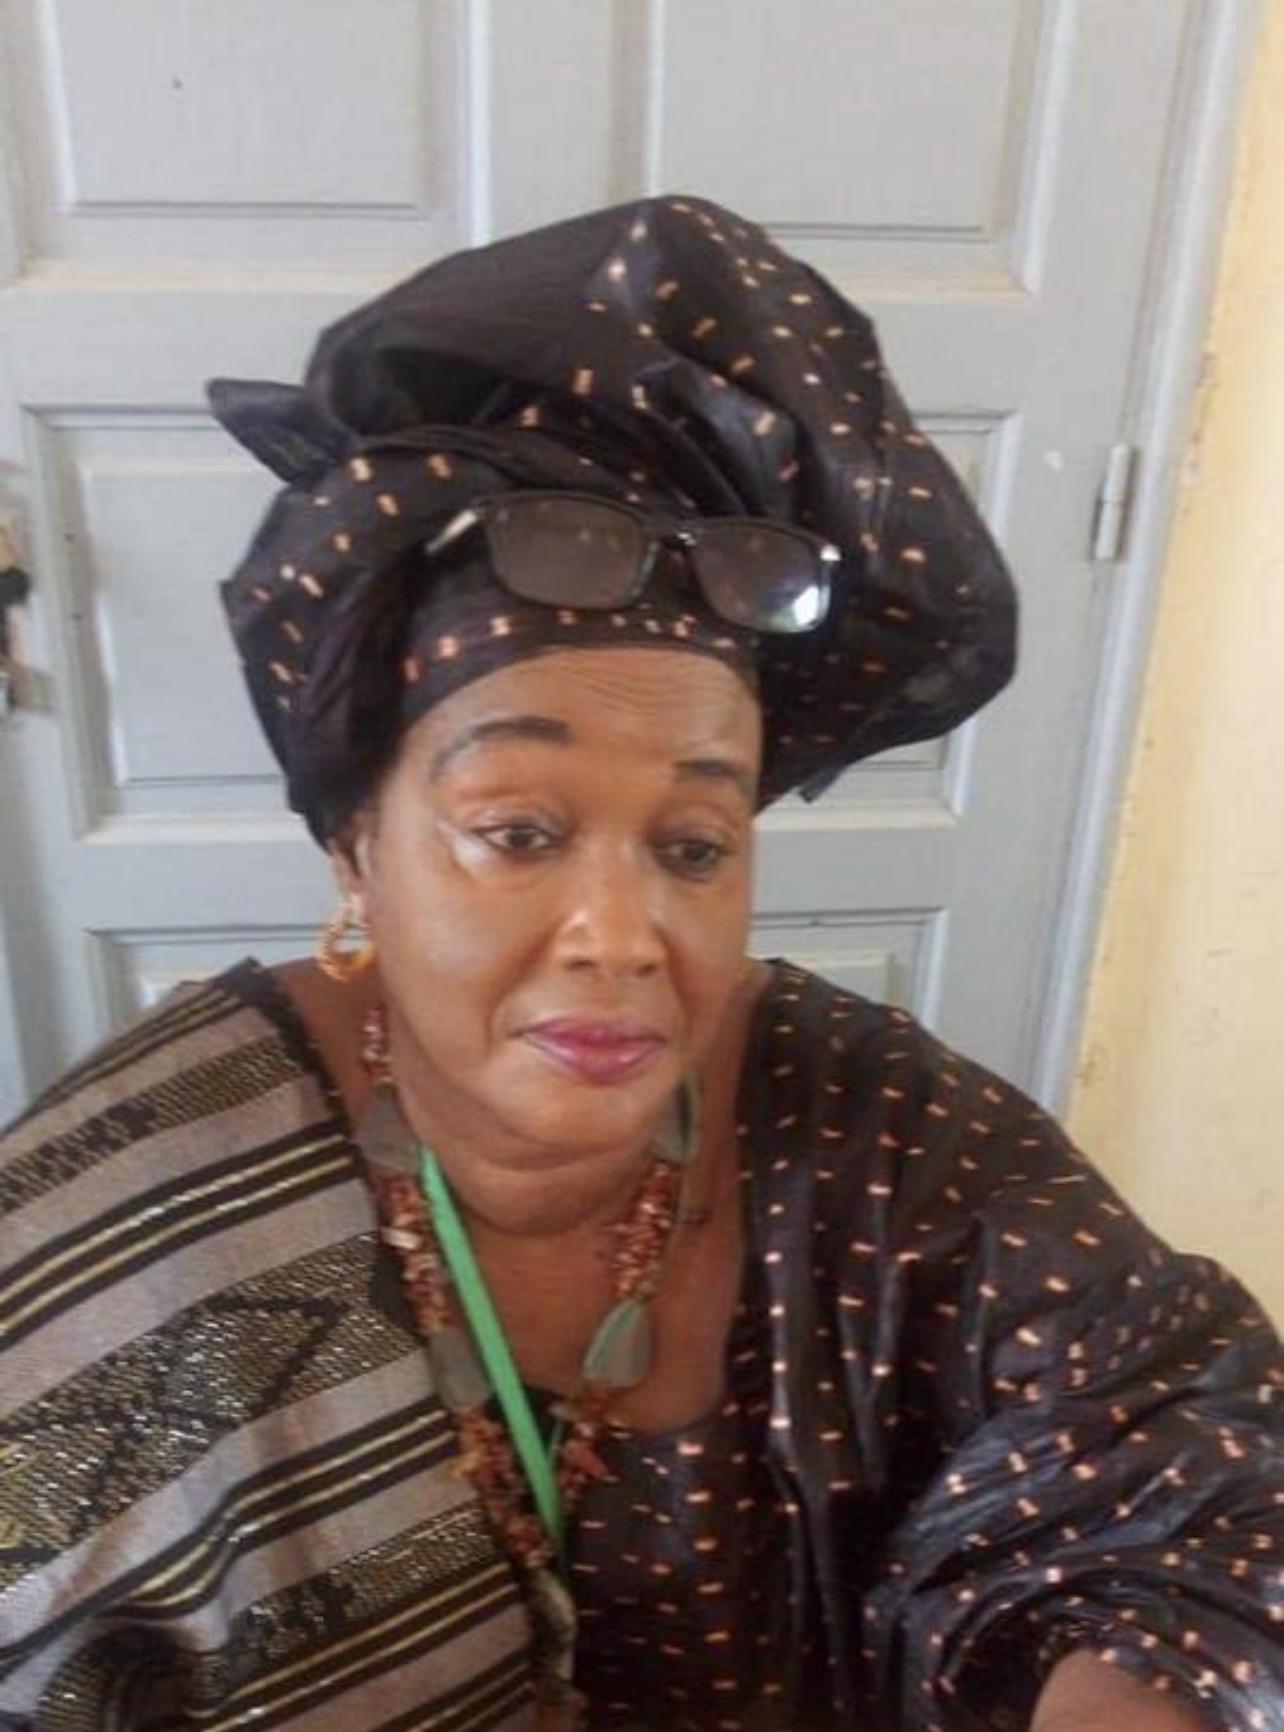 Nécrologie : Rappel à Dieu de Fatimata Ndao, présidente du mouvement «Aar Sa Gox And Dolèle Abdoulaye Dièye»